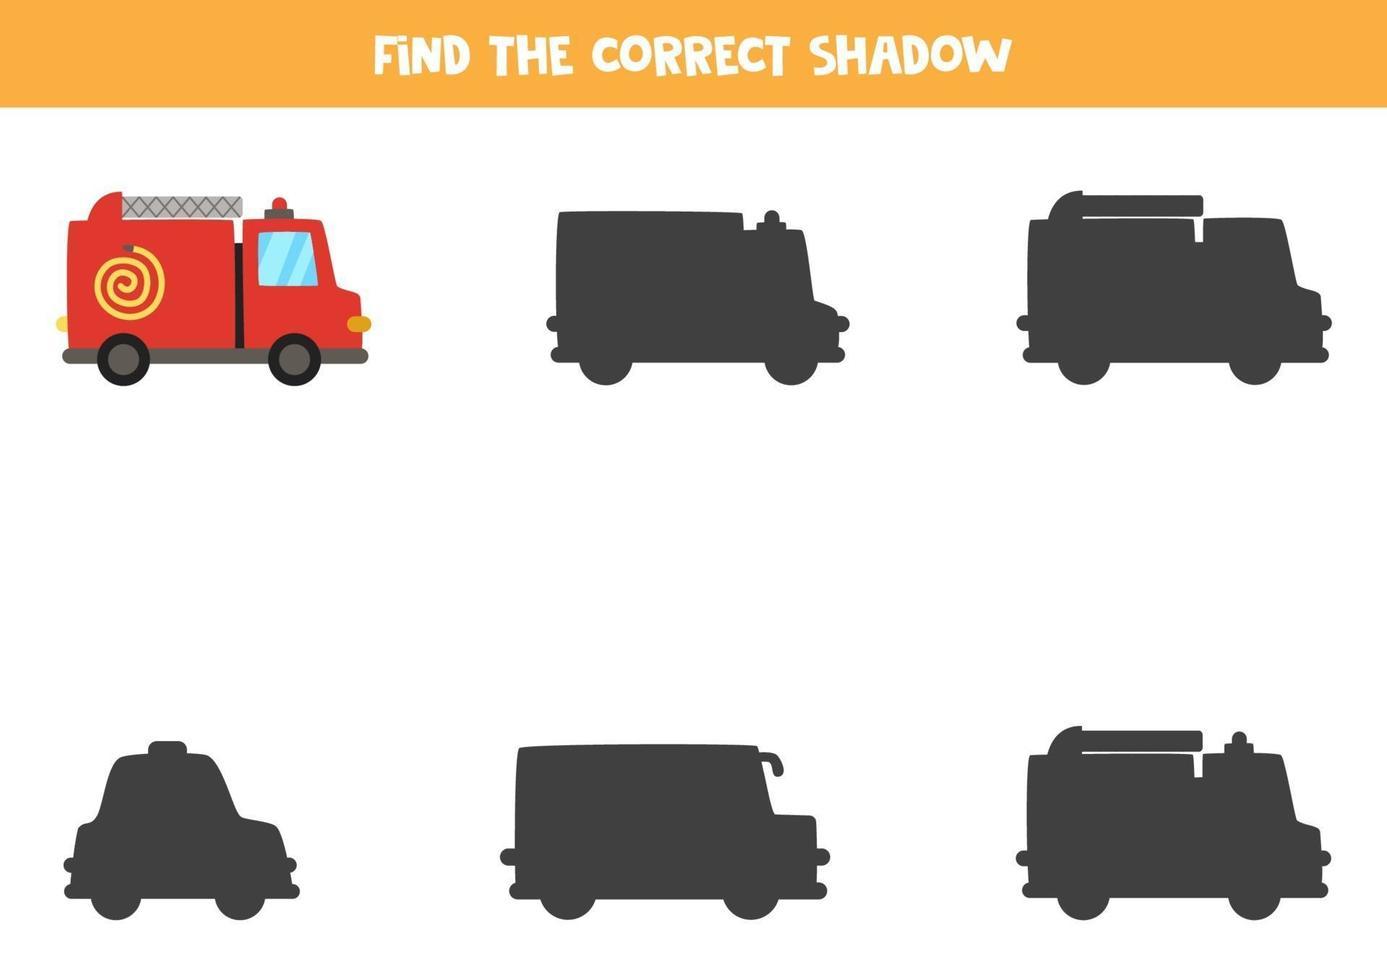 hitta rätt skugga av brandbil. logiskt pussel för barn. vektor